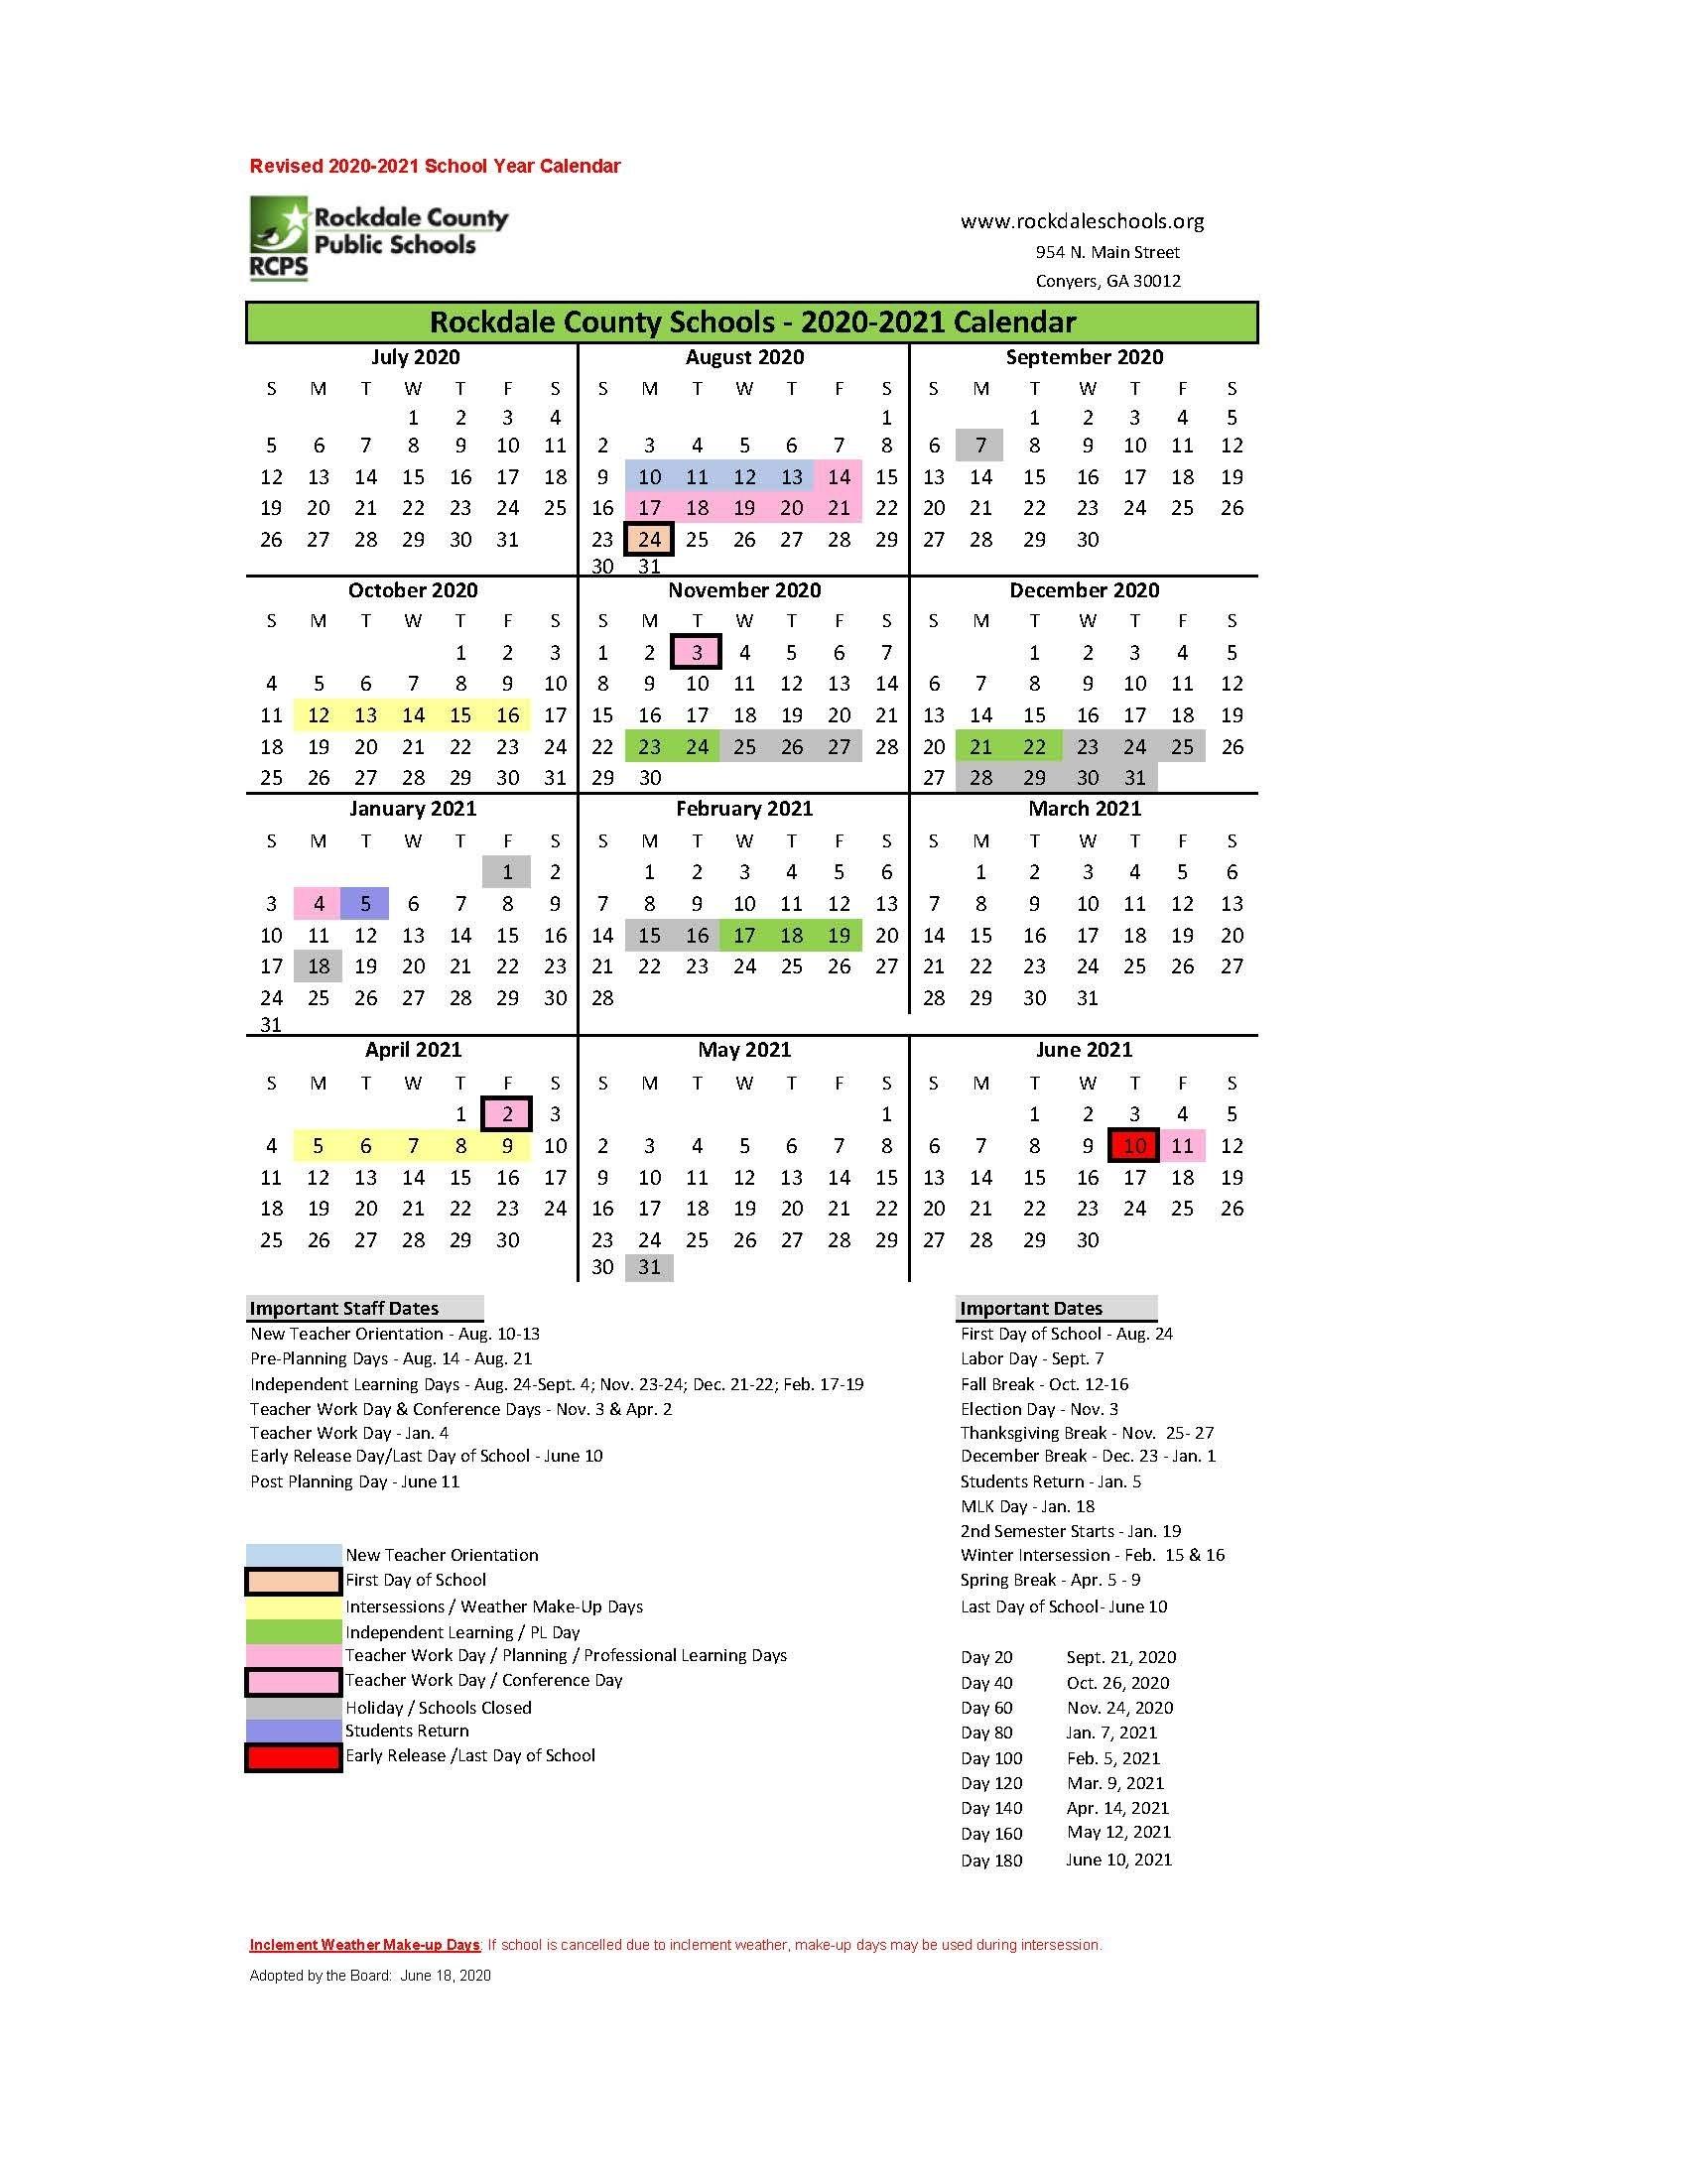 Calendars - Rockdale County Public Schools